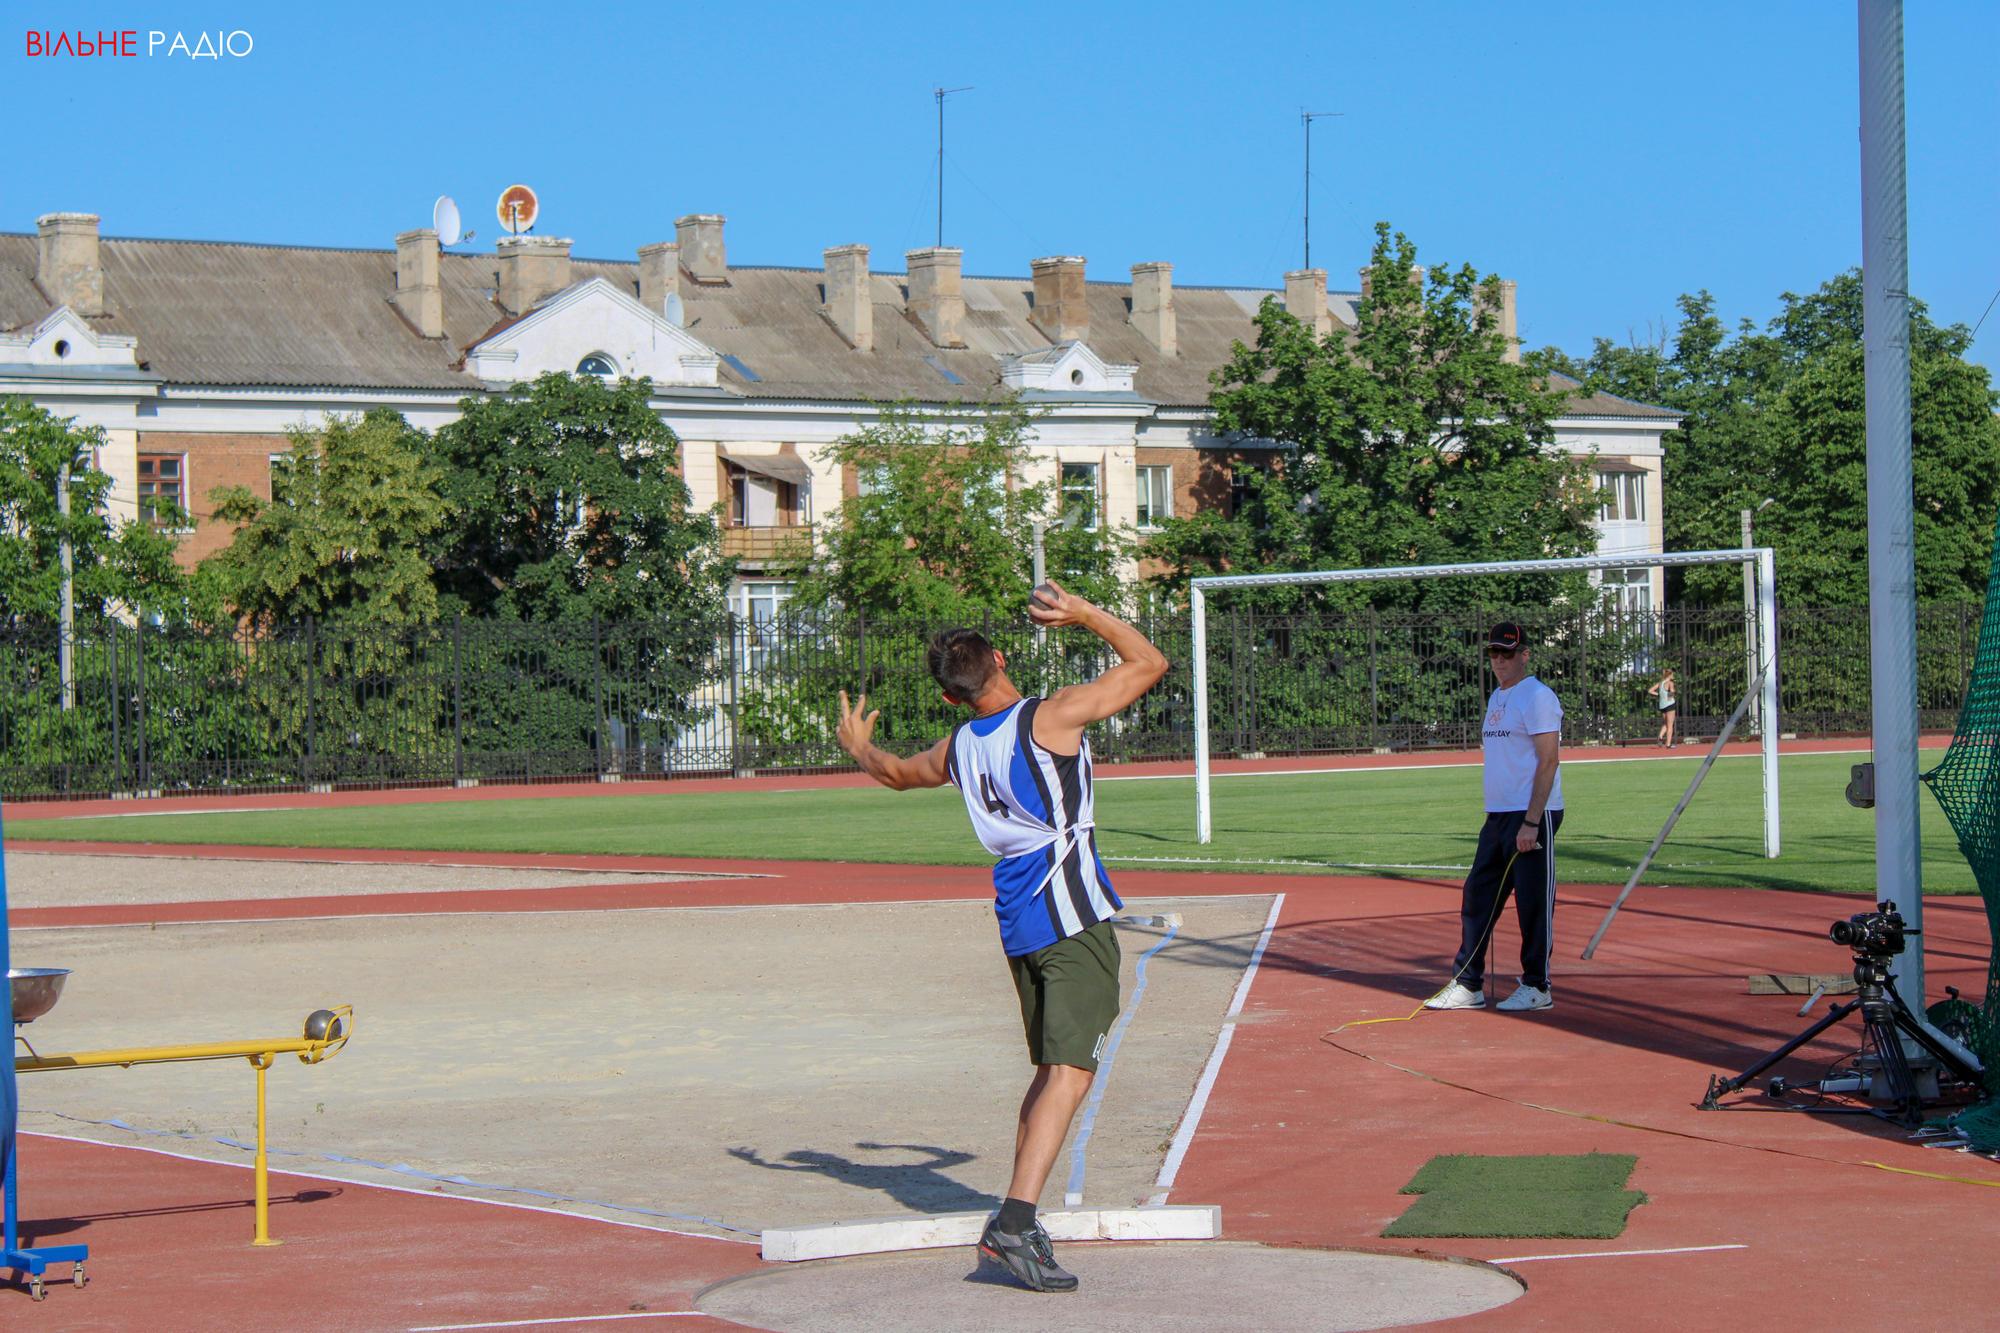 В Бахмуте начался летний чемпионат по легкой атлетике для людей с инвалидностью